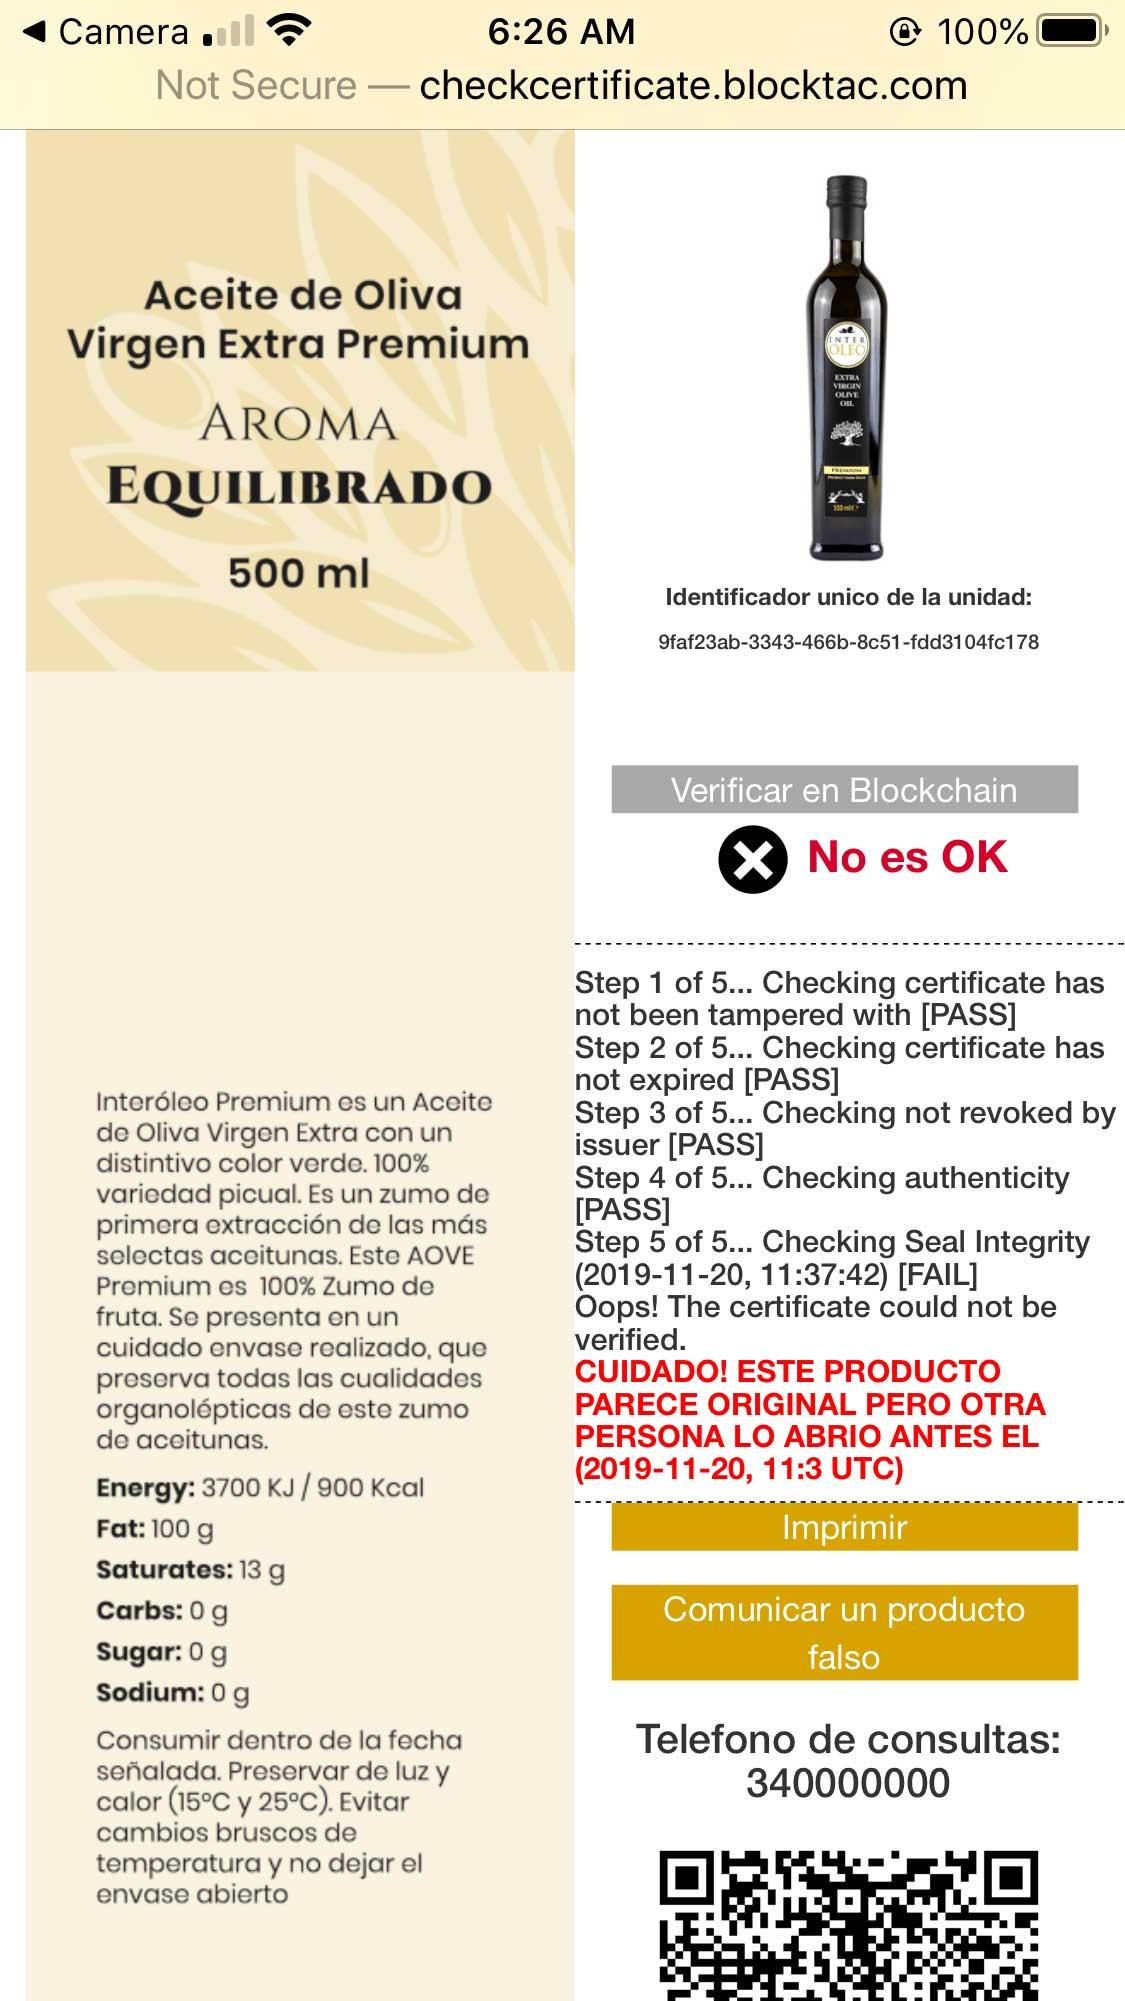 Olive oil QR code scanning results